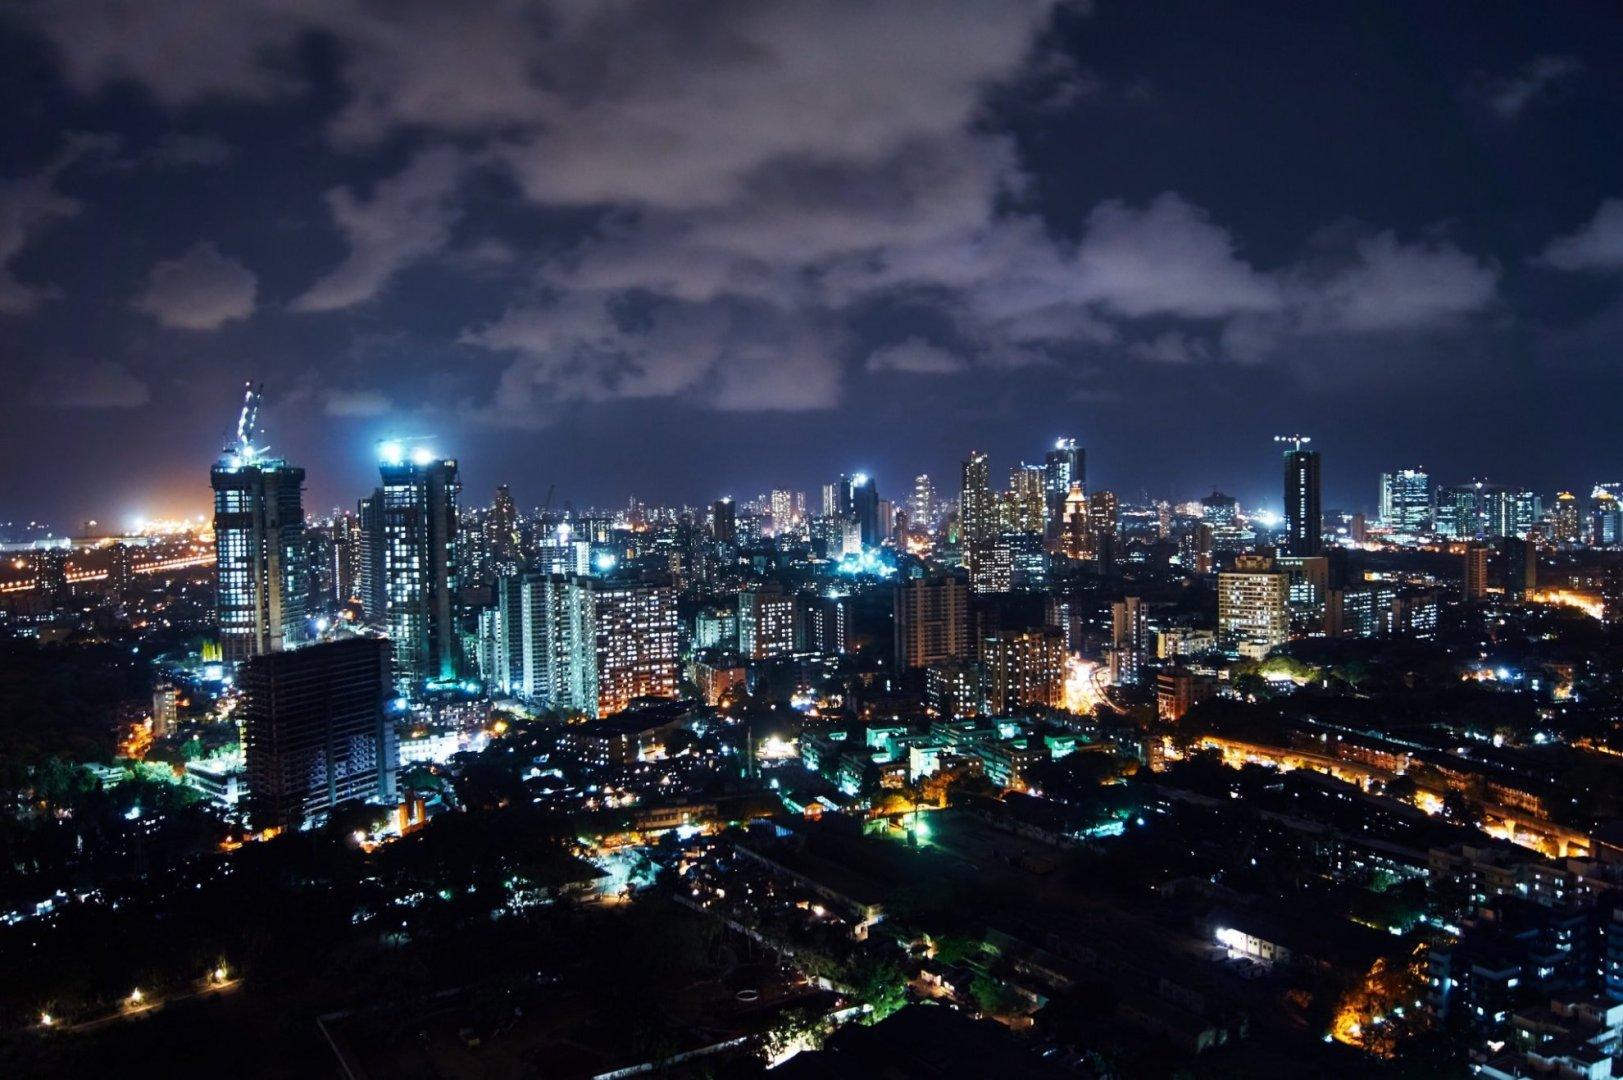 Mumbai at night| Vidur Malhotra / Flickr